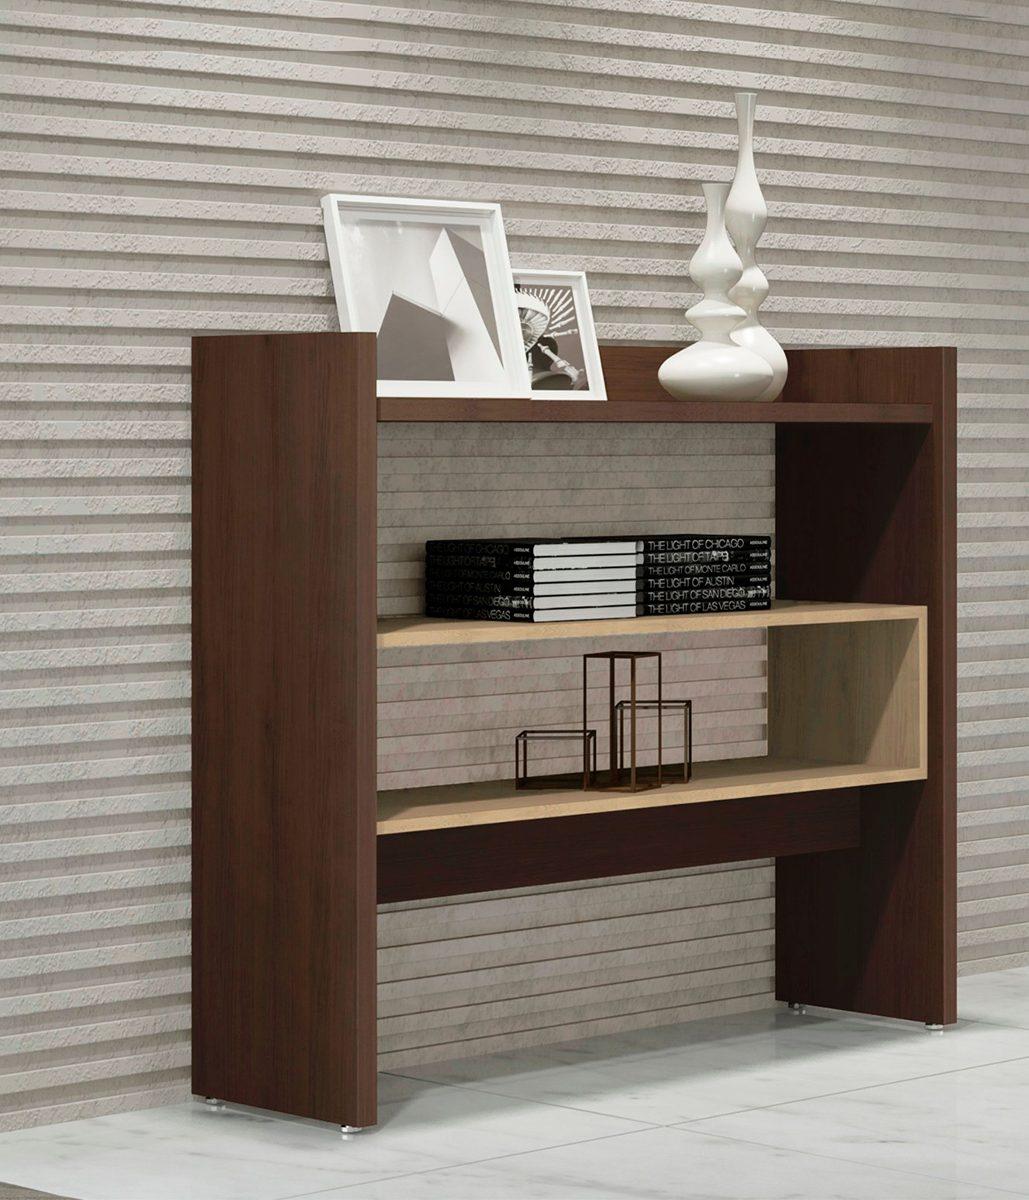 #474552 Mesa De Canto Aparador Para Sala Moderna Athenas Belaflex R 19990 em Mercado Livre 1029x1200 píxeis em Aparador Para Sala De Estar Moderna